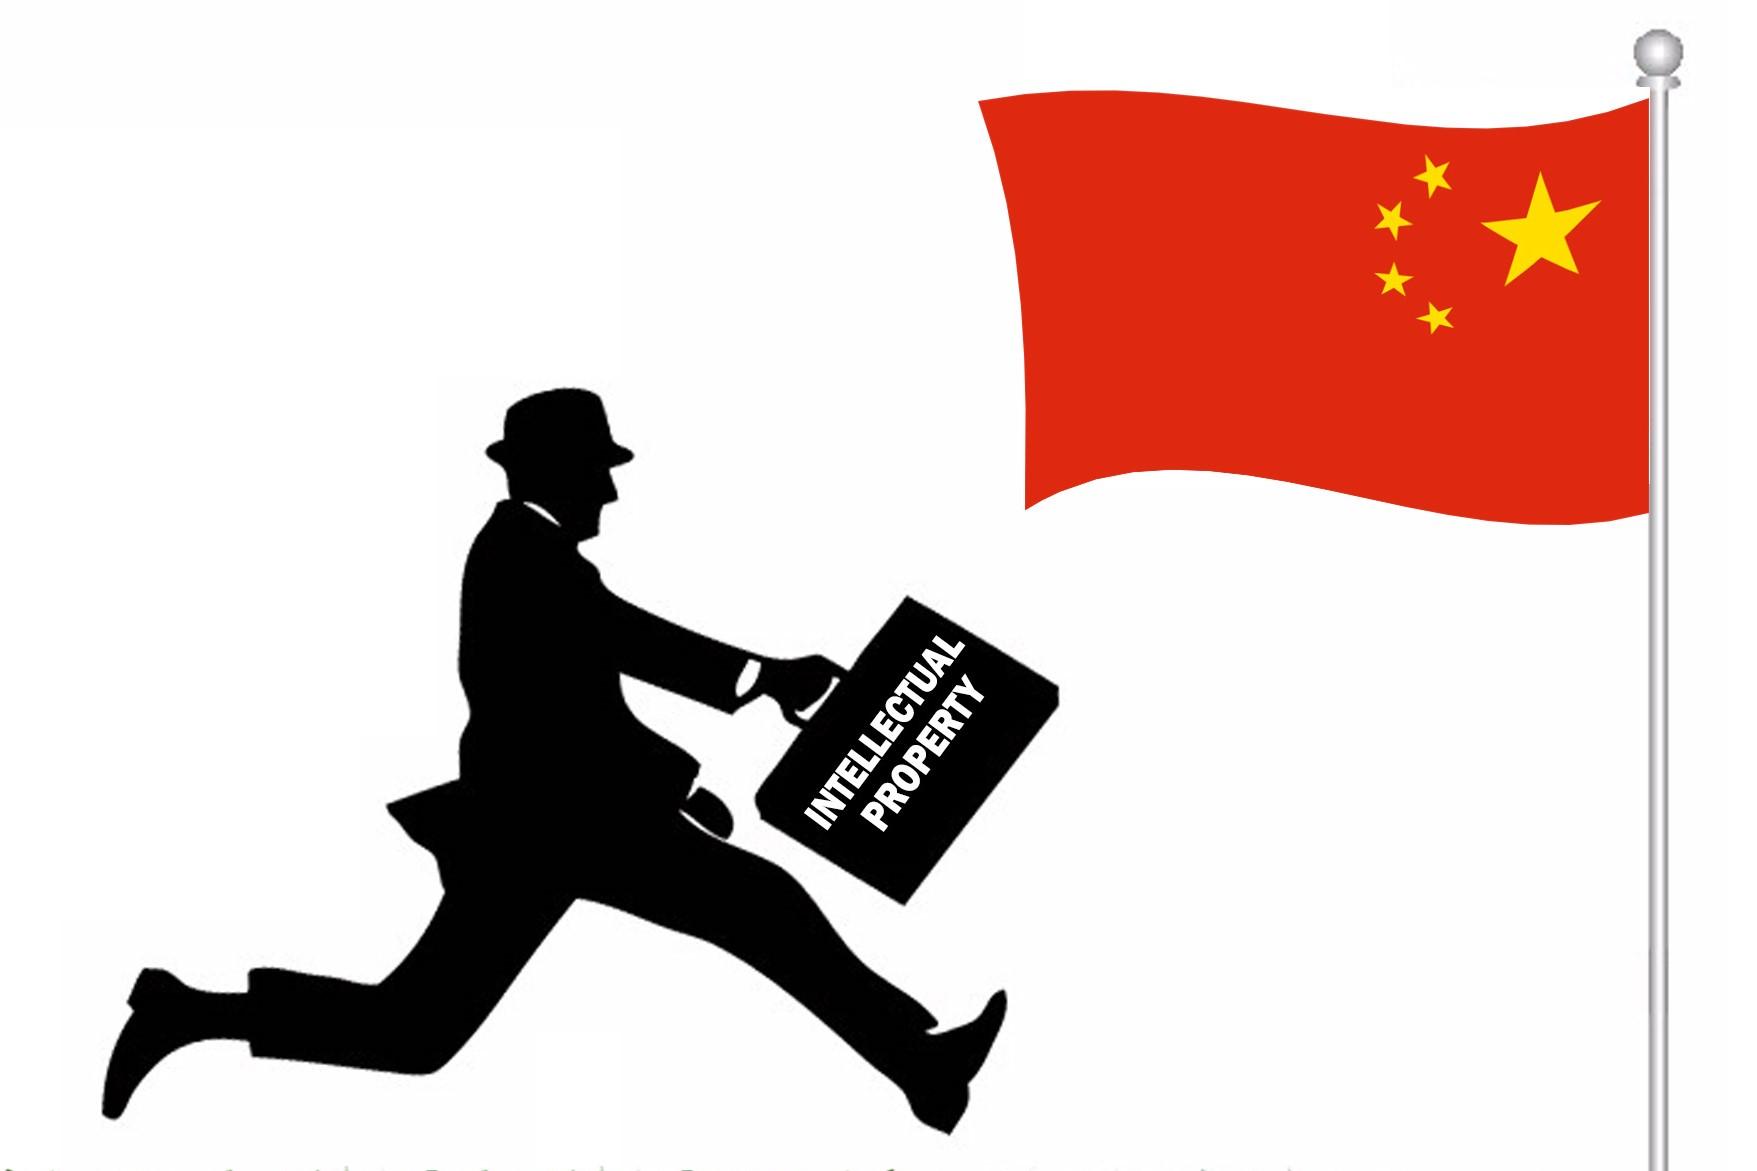 """Trung Quốc phản đối các cáo buộc """"ăn cắp"""" tài sản trí tuệ - IPC.NET.VN"""